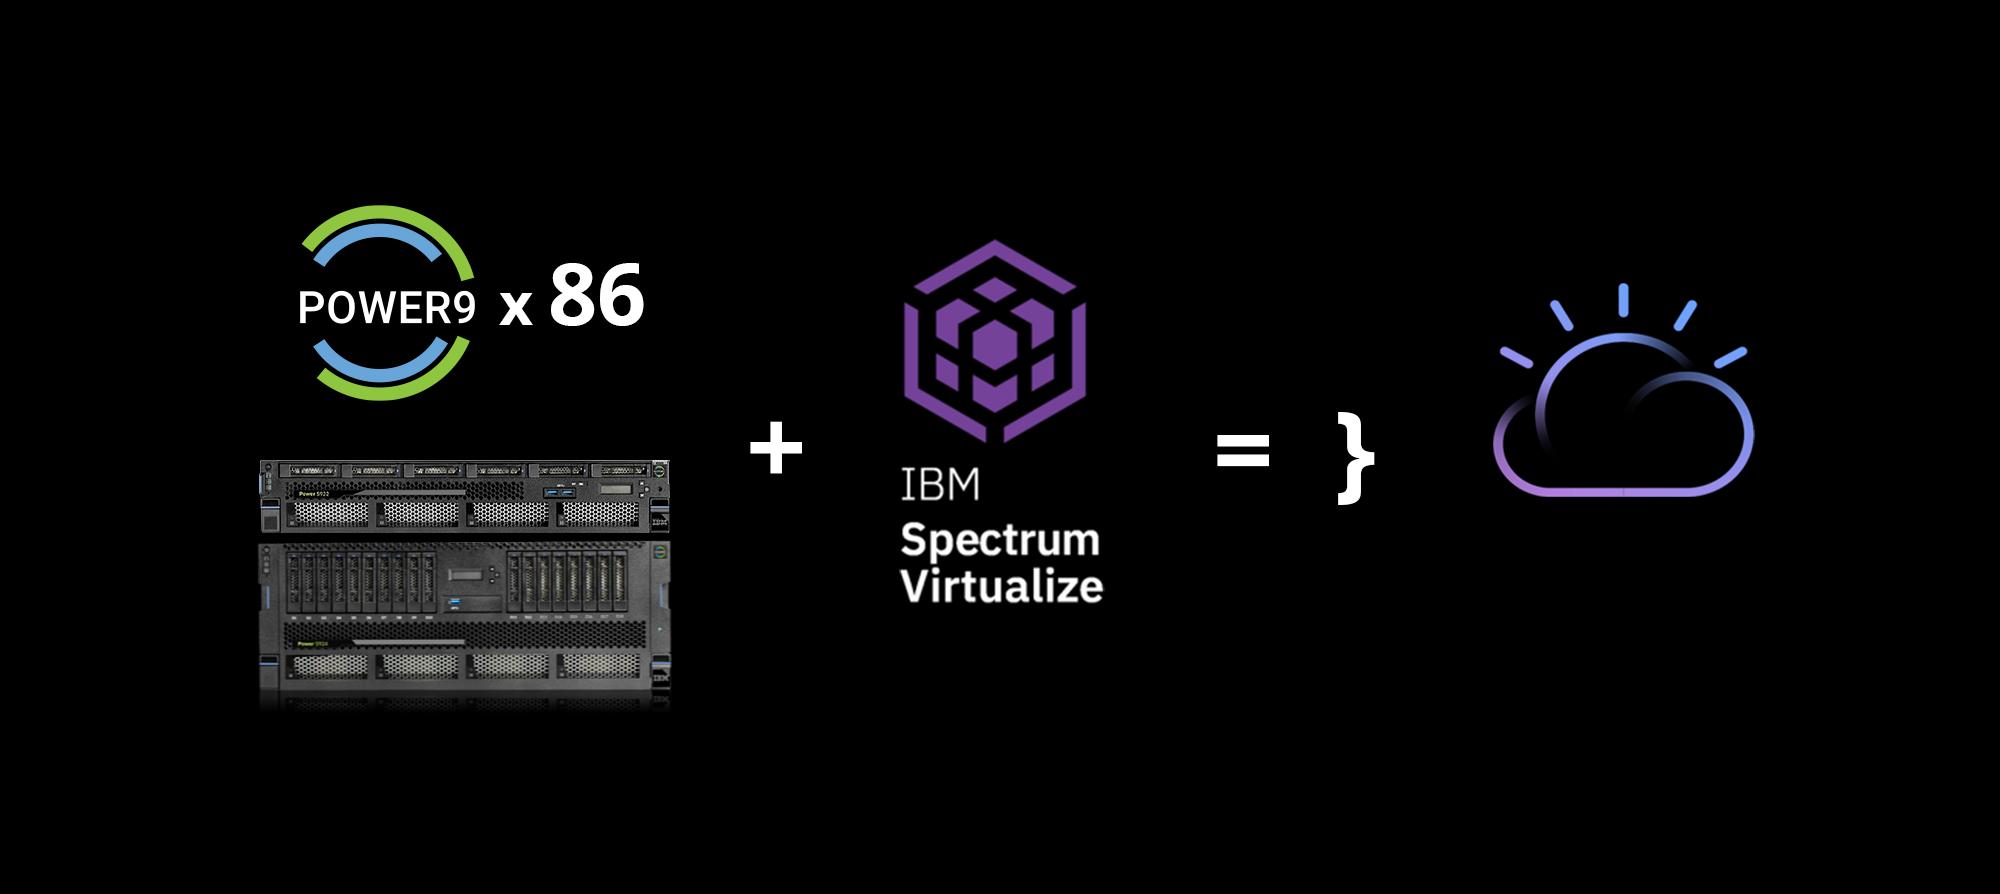 IBM Spectrum Virtualize